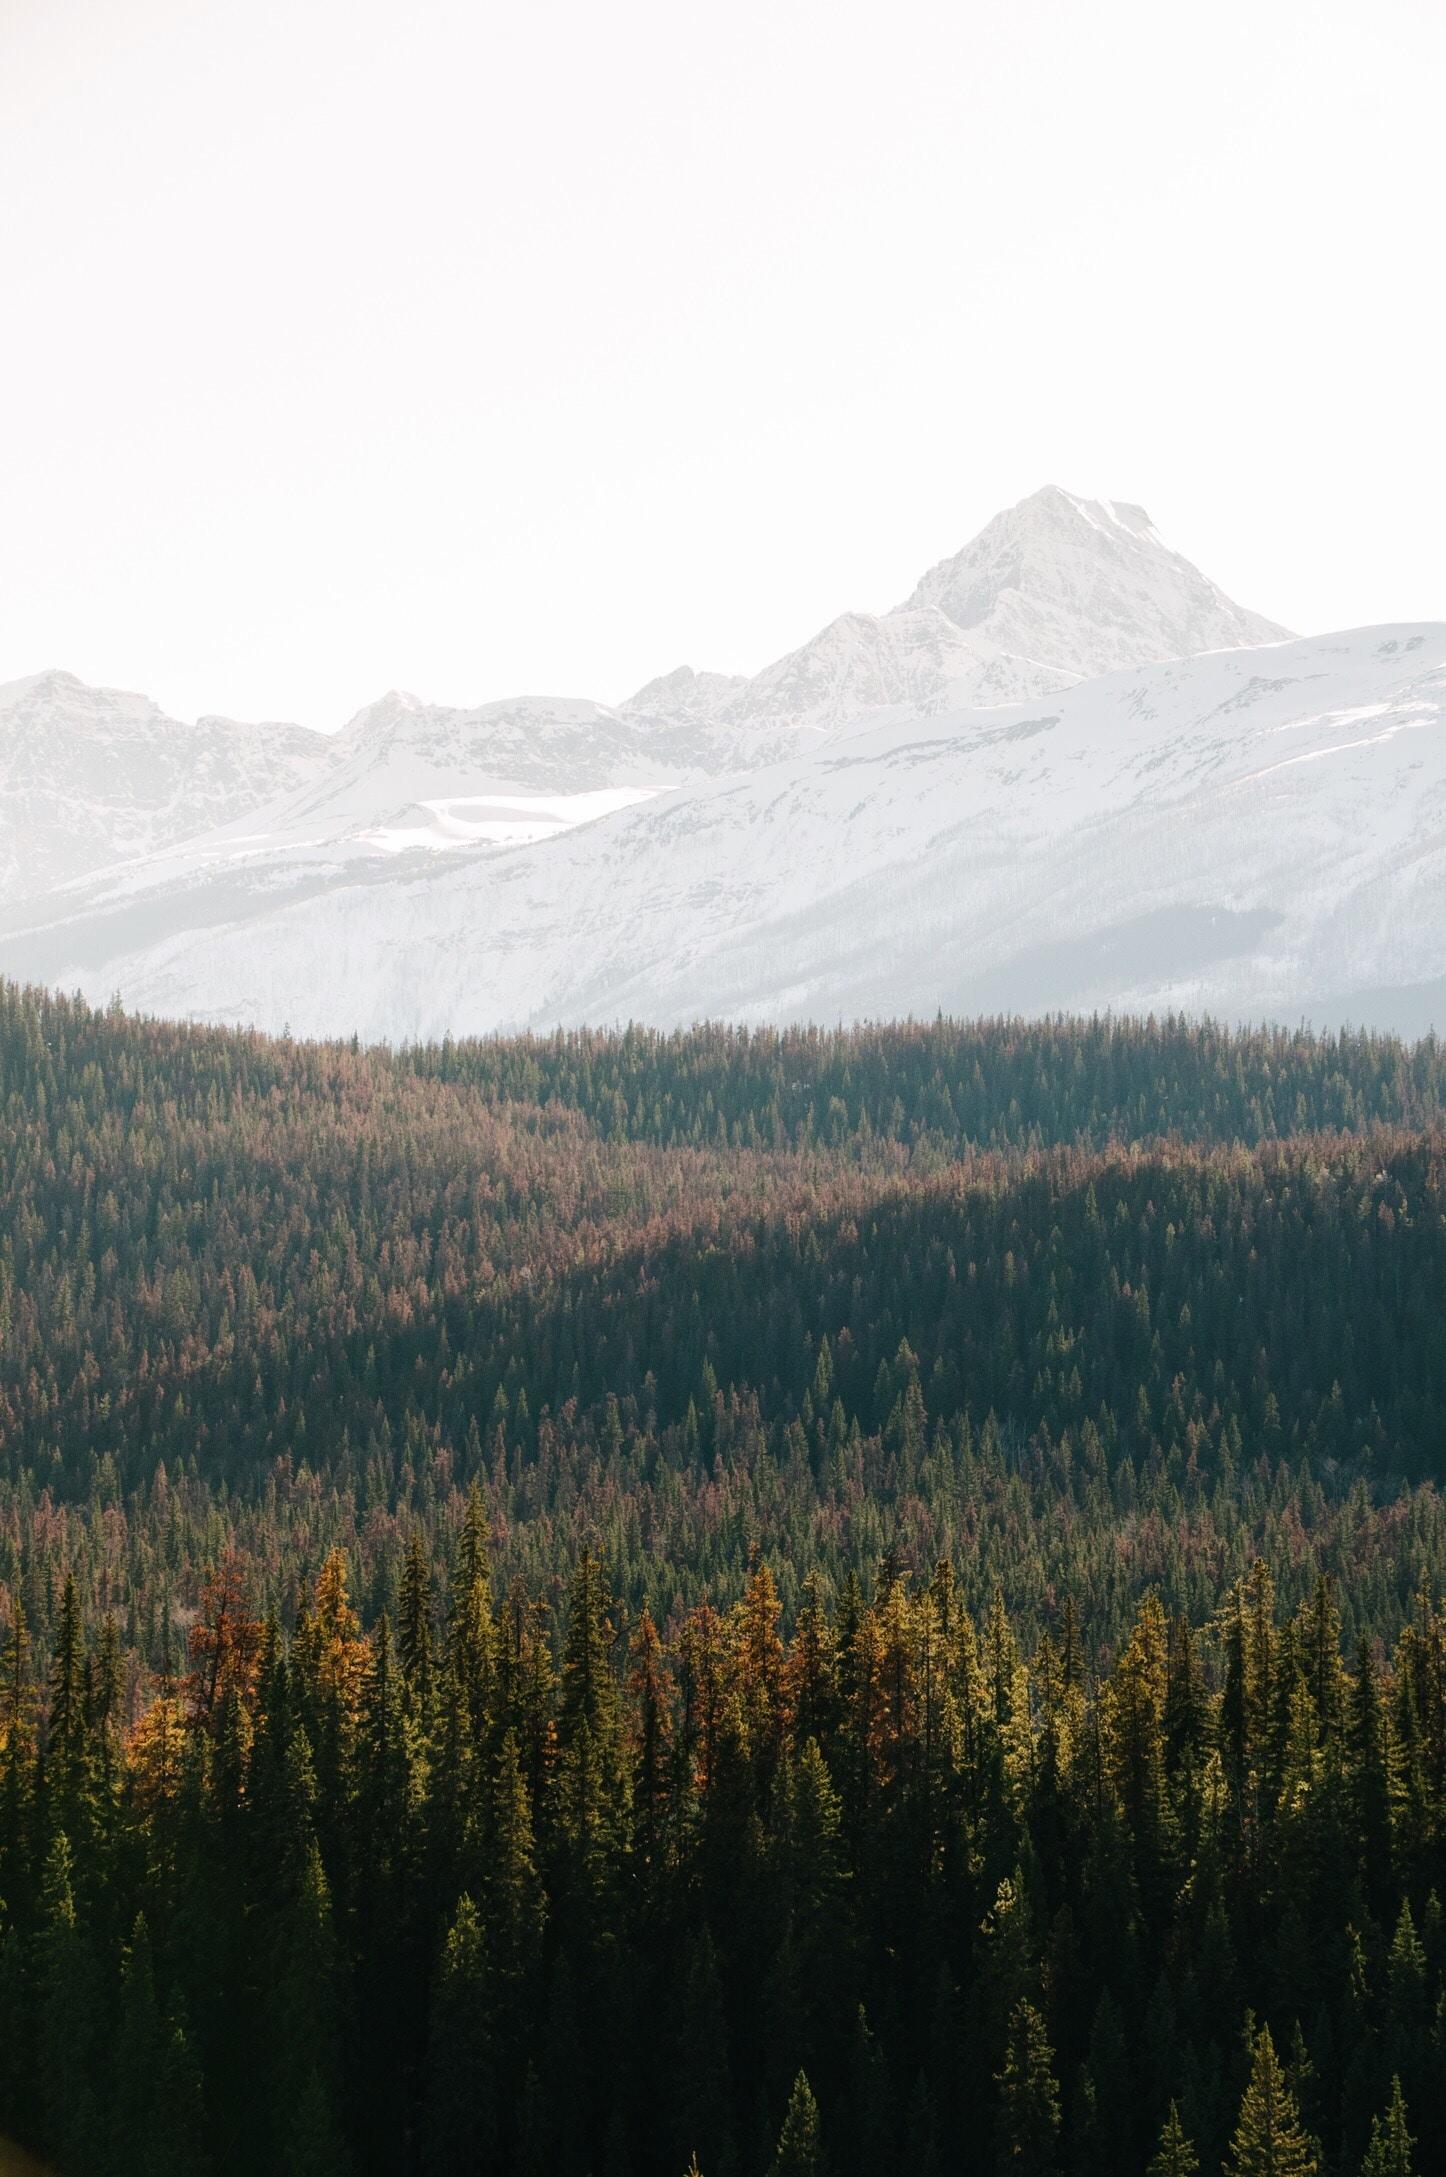 Pine Alps stories